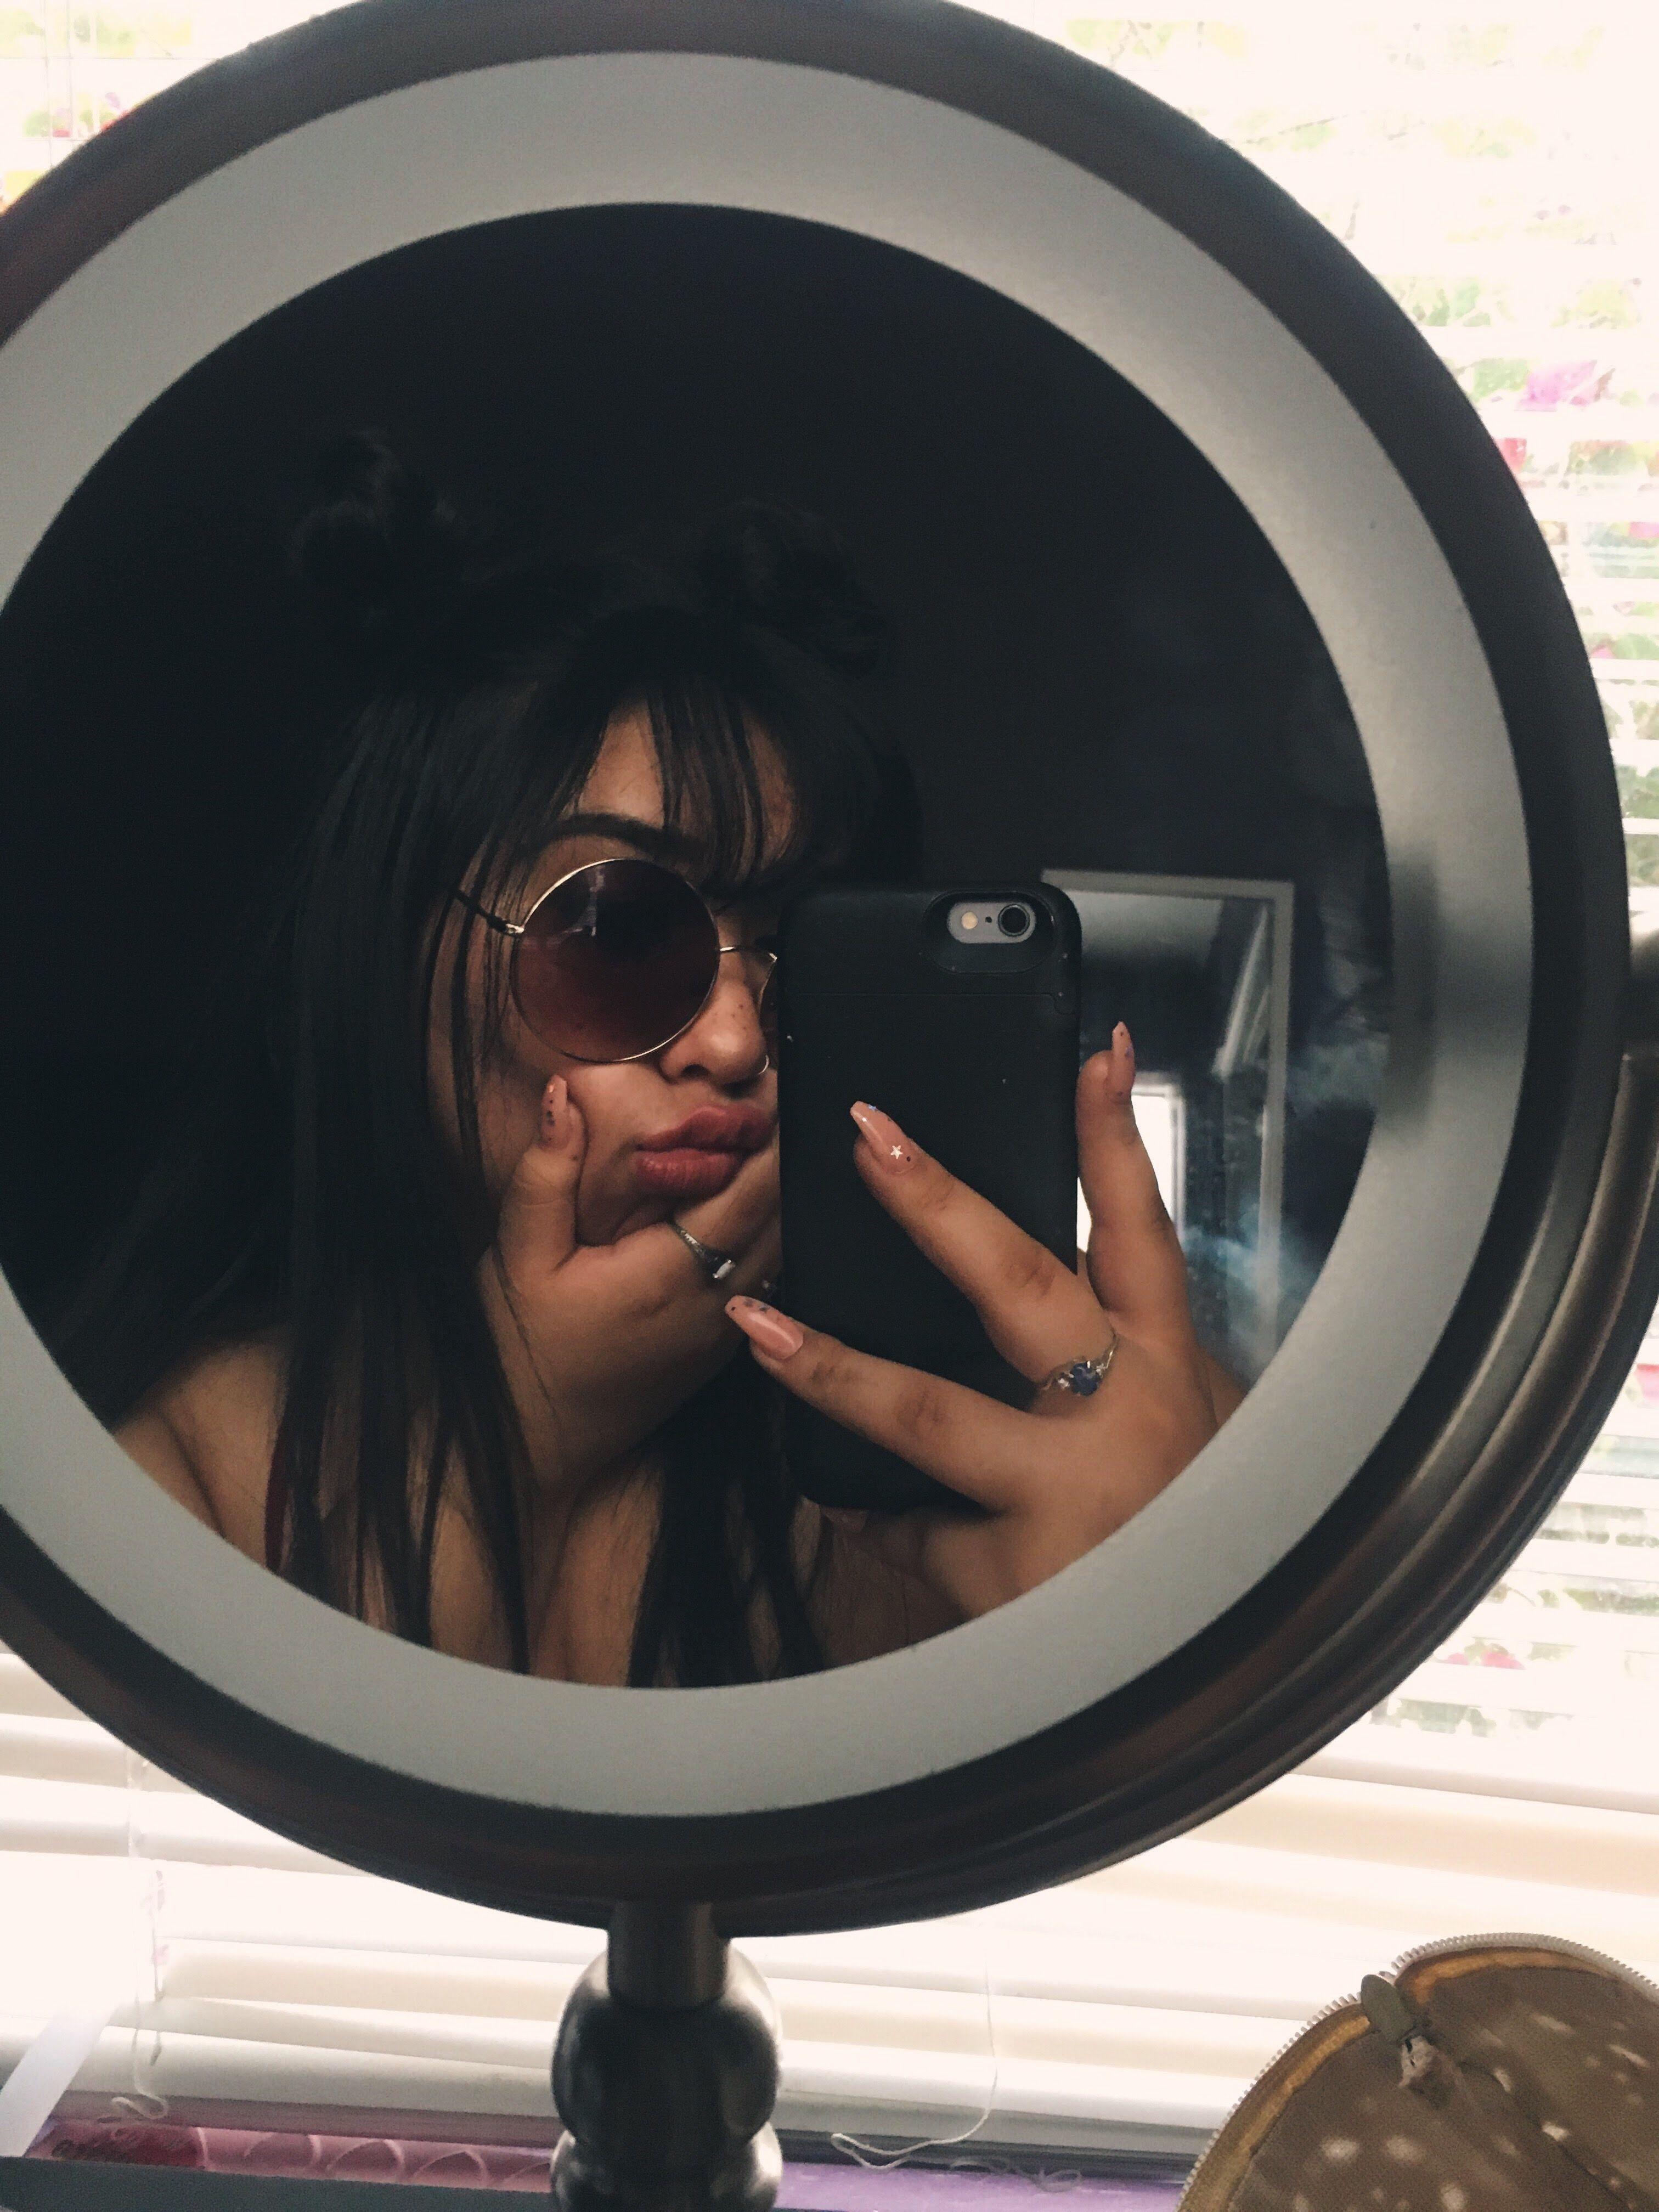 как сделать фото через зеркало антирадиационная ретро